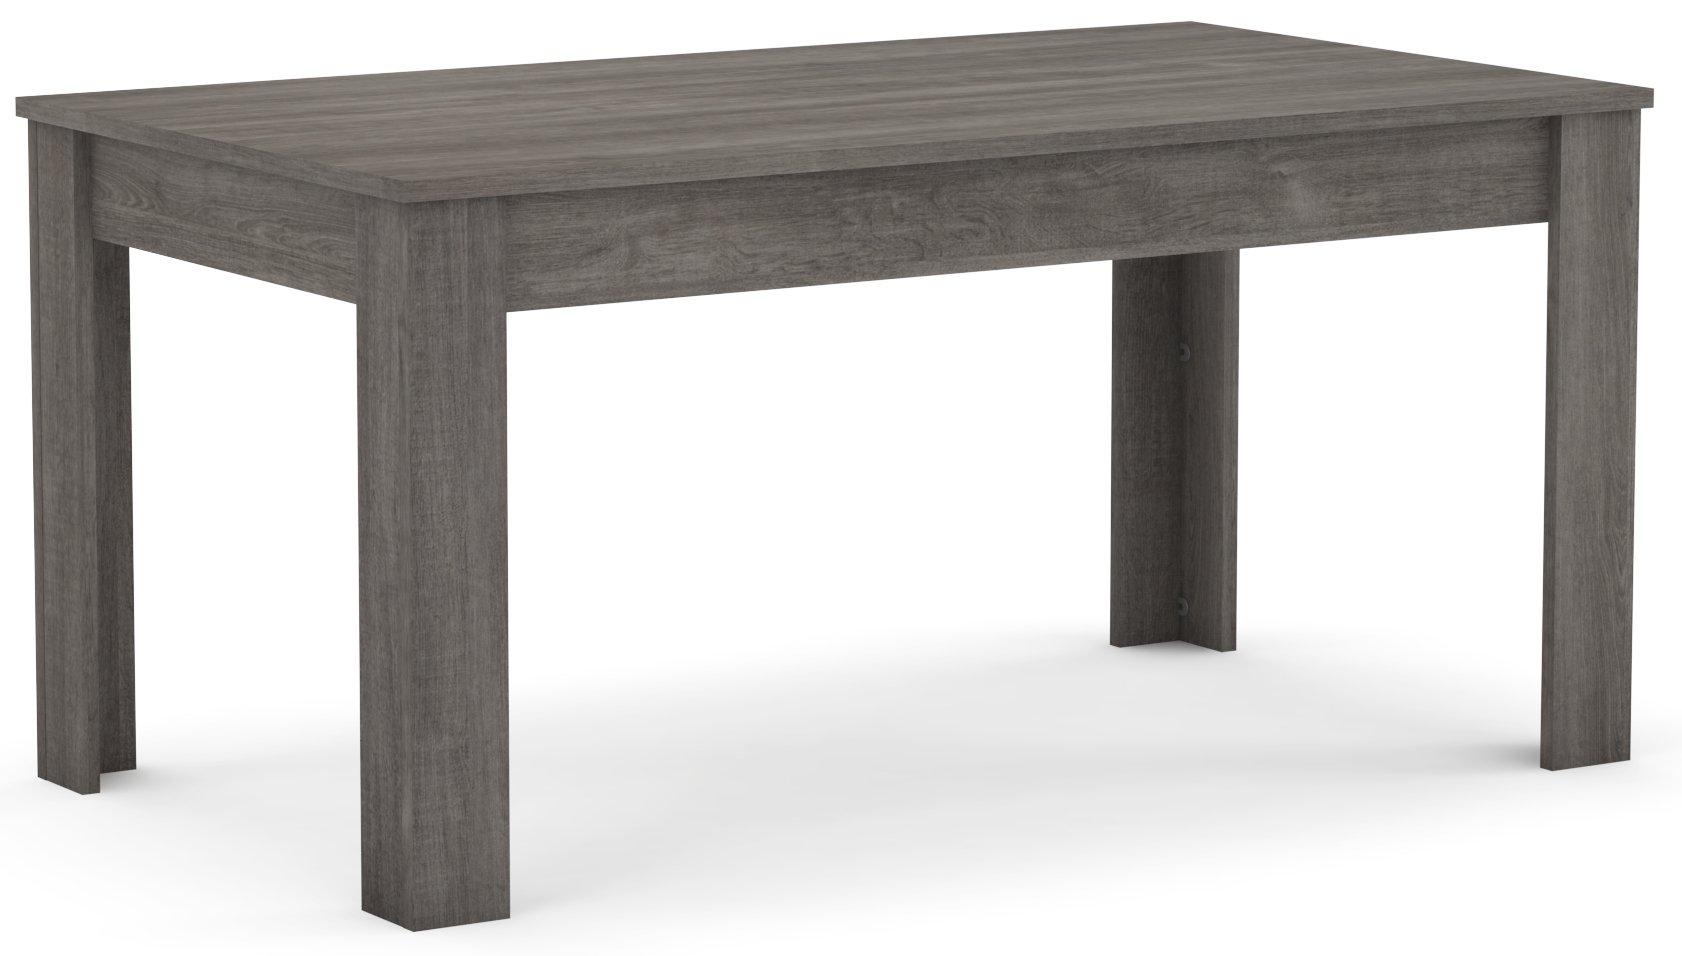 Τραπέζι Santino (Μήκος: 160 Βάθος: 90 Ύψος: 77,2)